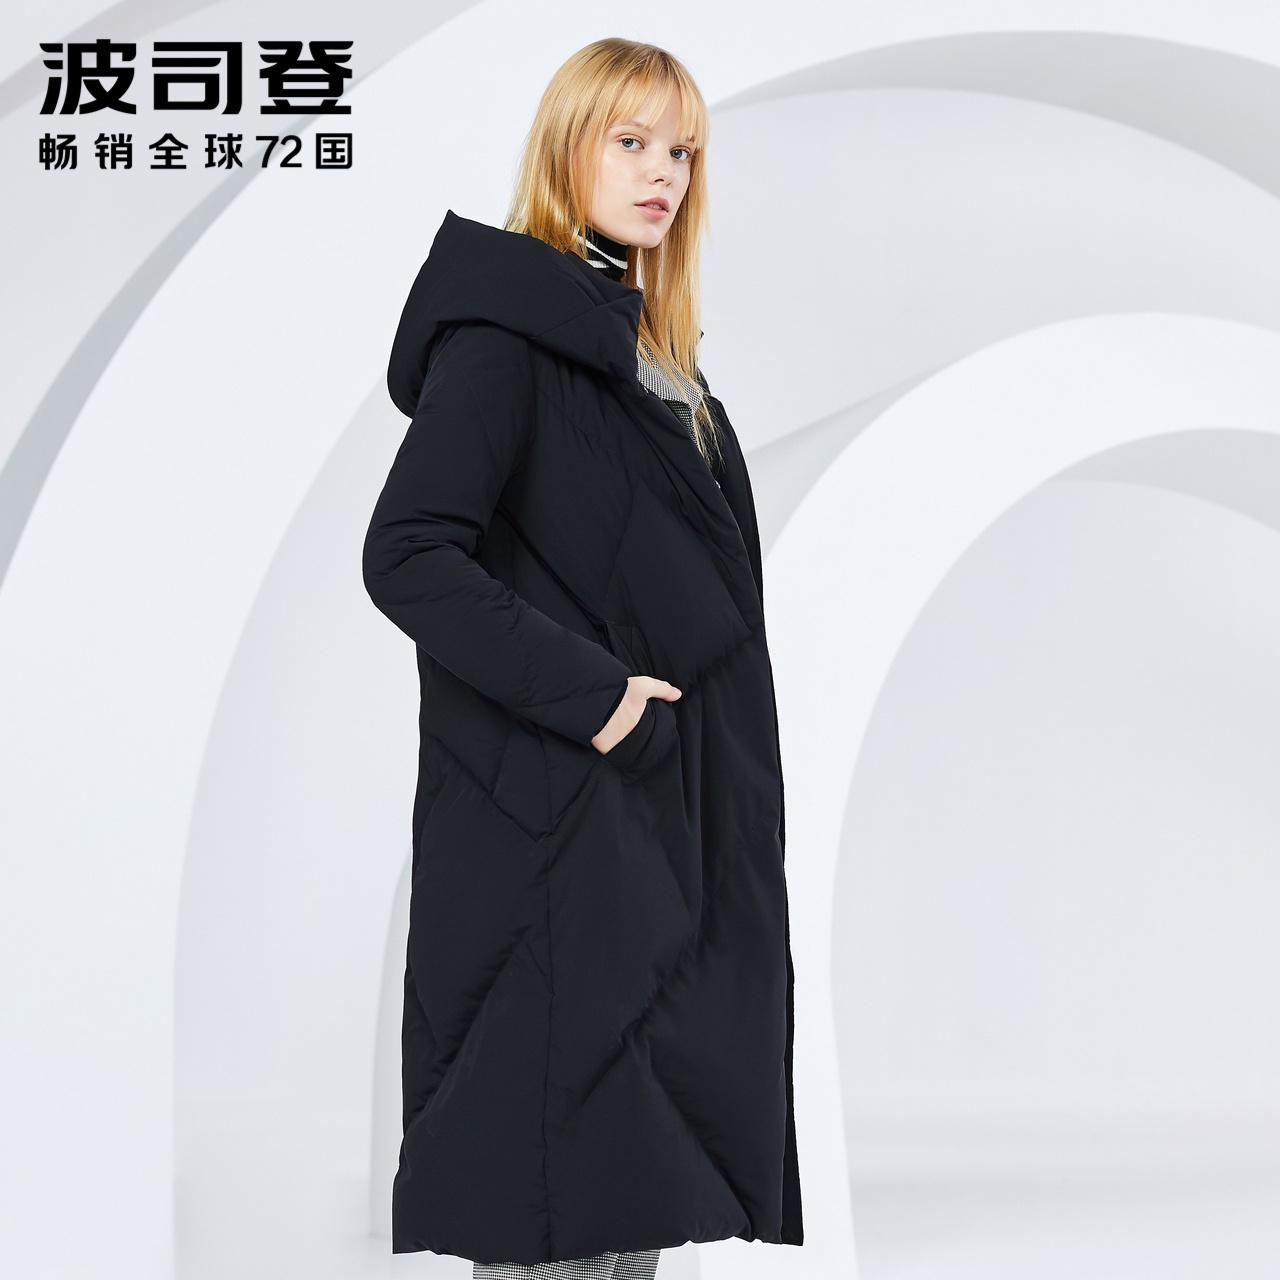 波司登长款羽绒服女士冬季连帽防寒纯色时尚外套新款B80141162